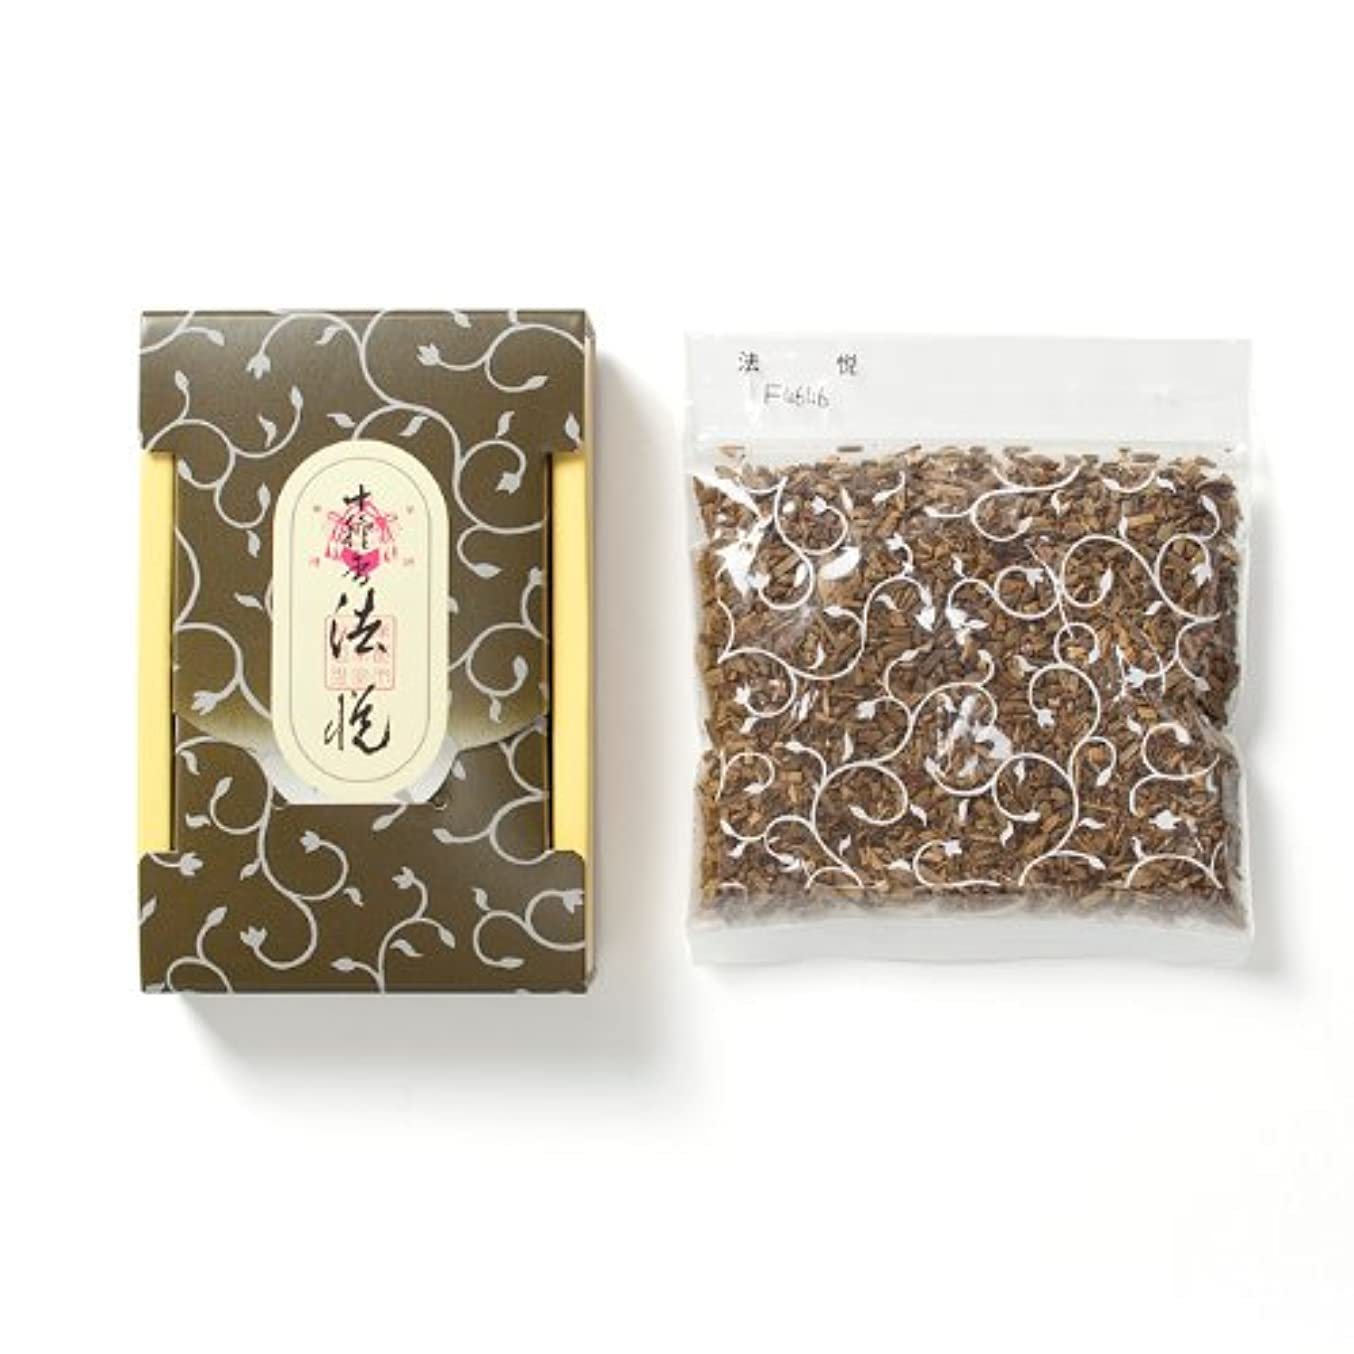 ポルティコ日没命令松栄堂のお焼香 十種香 法悦 25g詰 小箱入 #411041